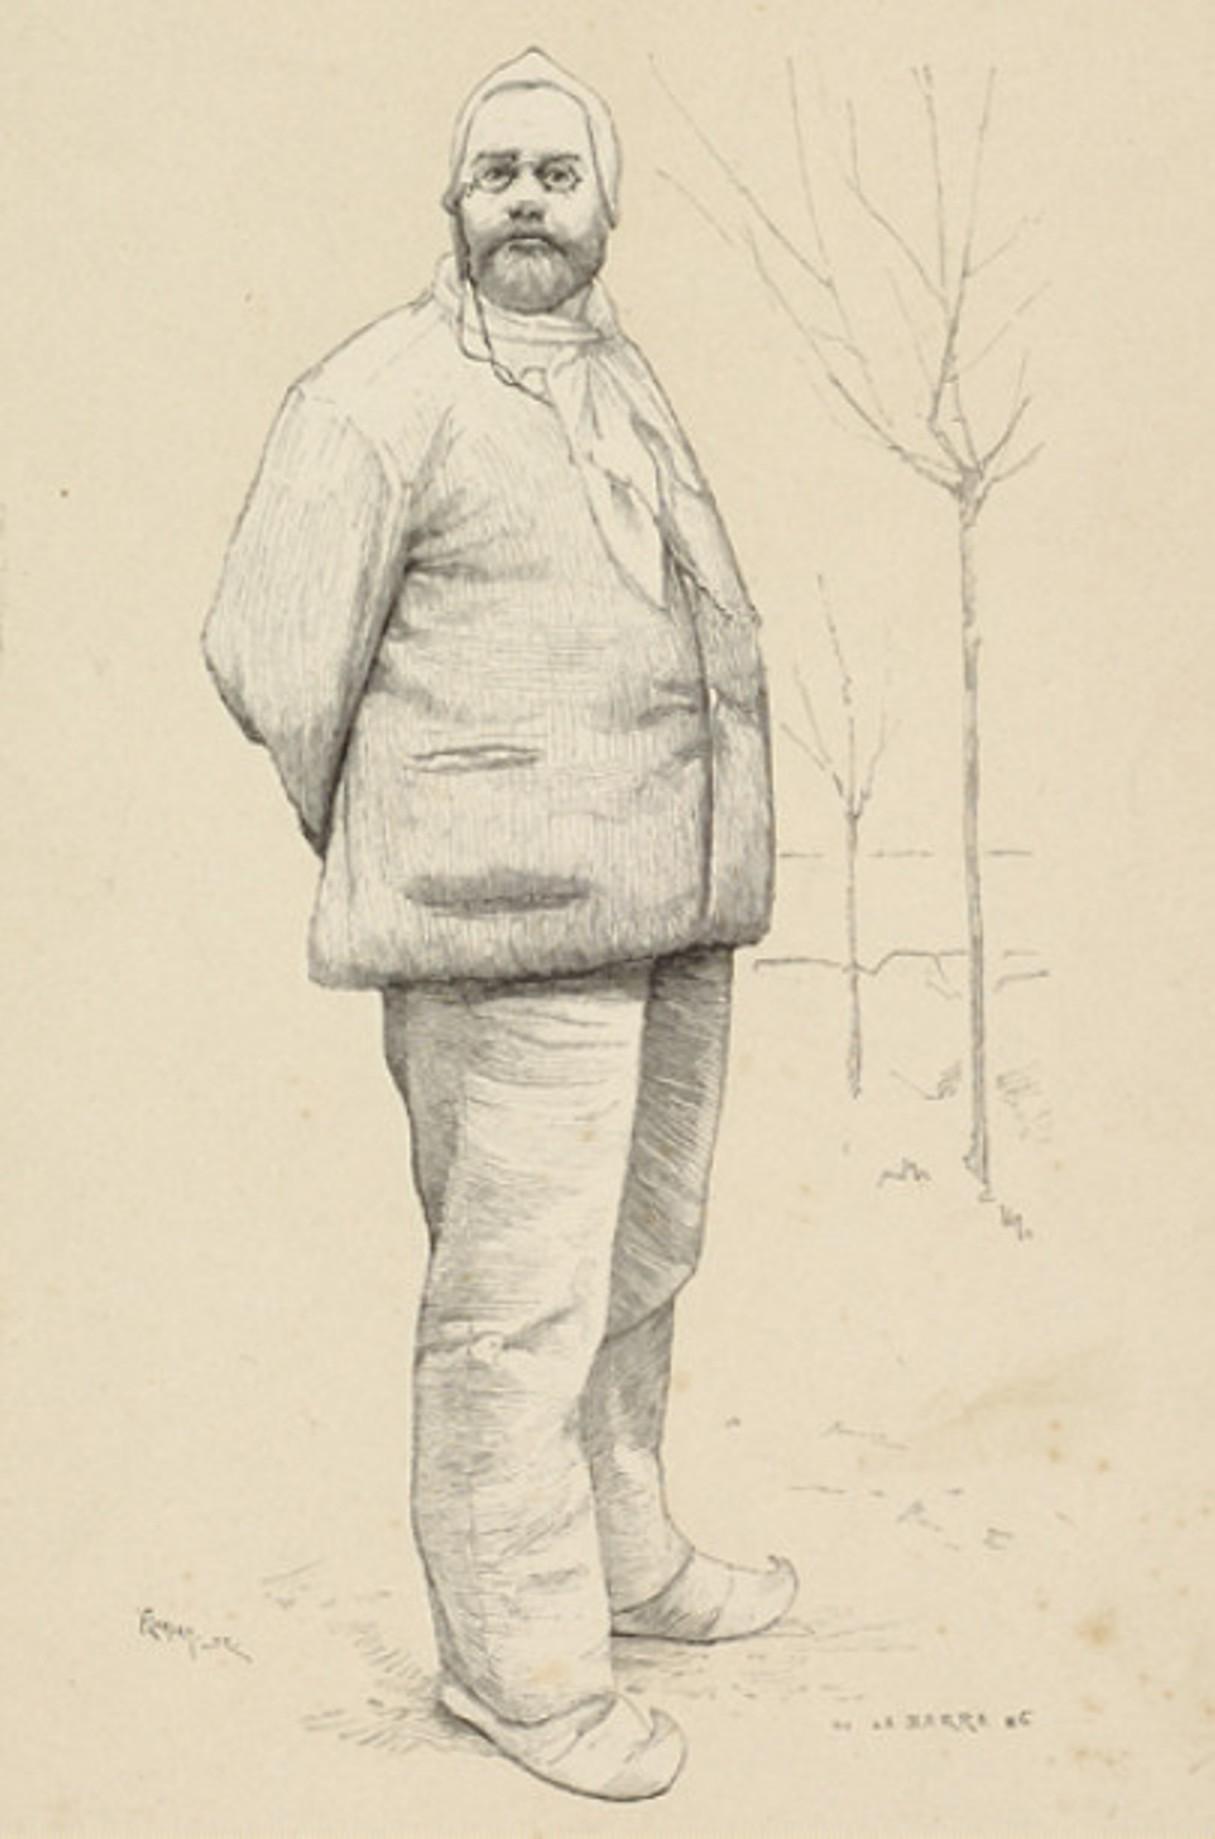 Image - Emile Zola en paysan